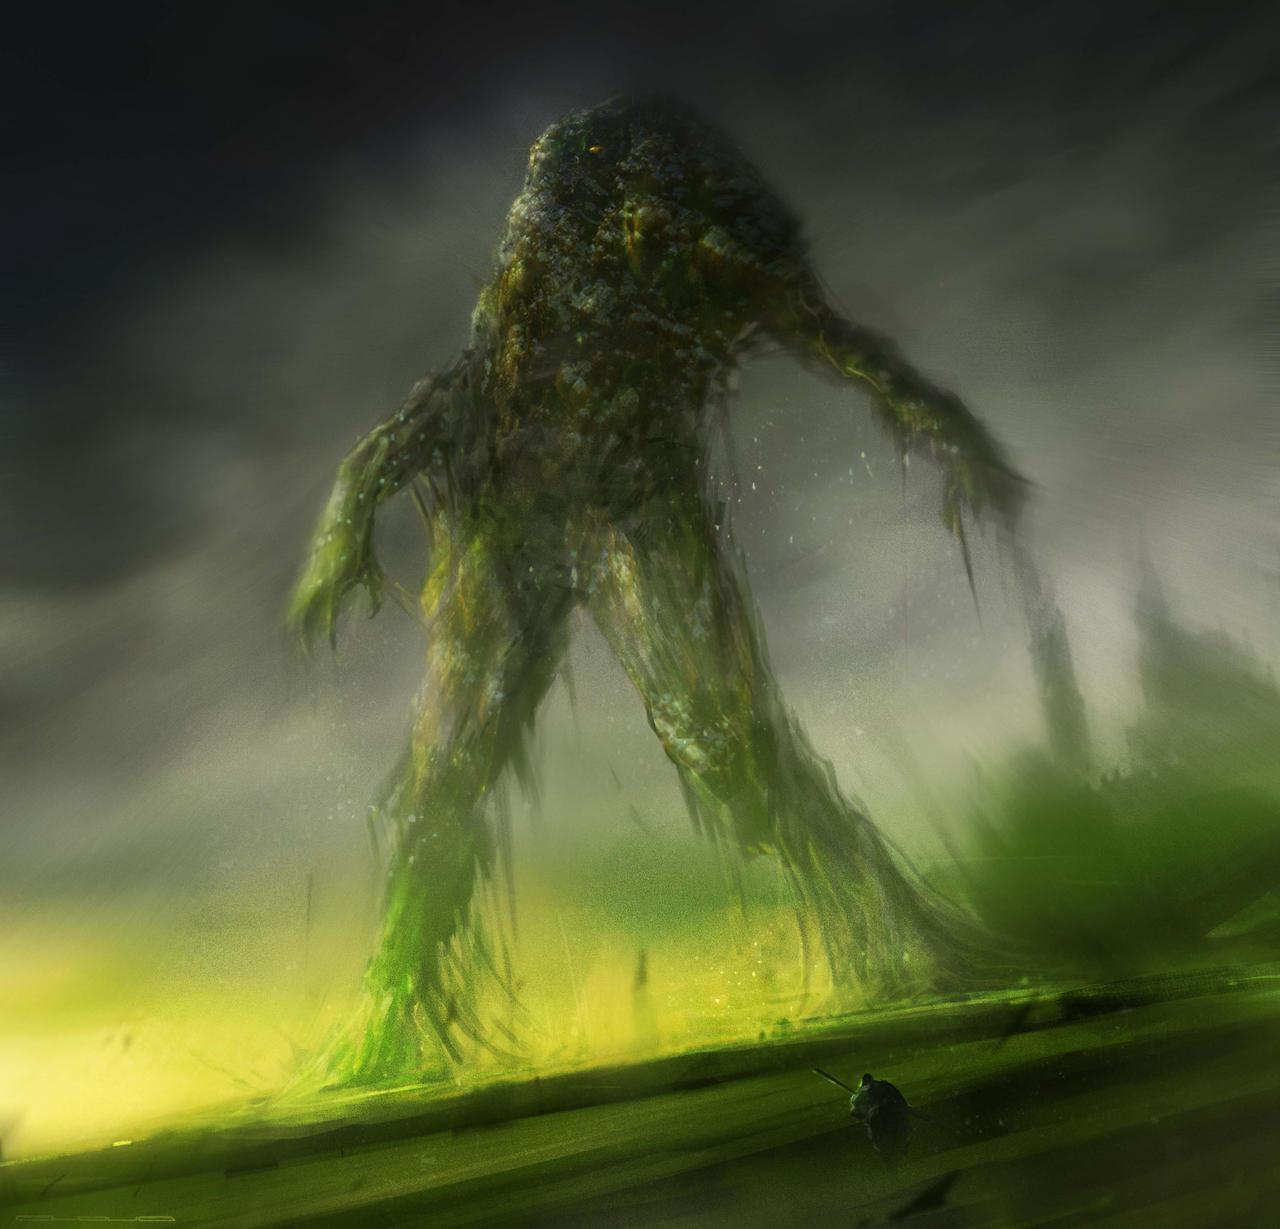 Giant Slime Monster